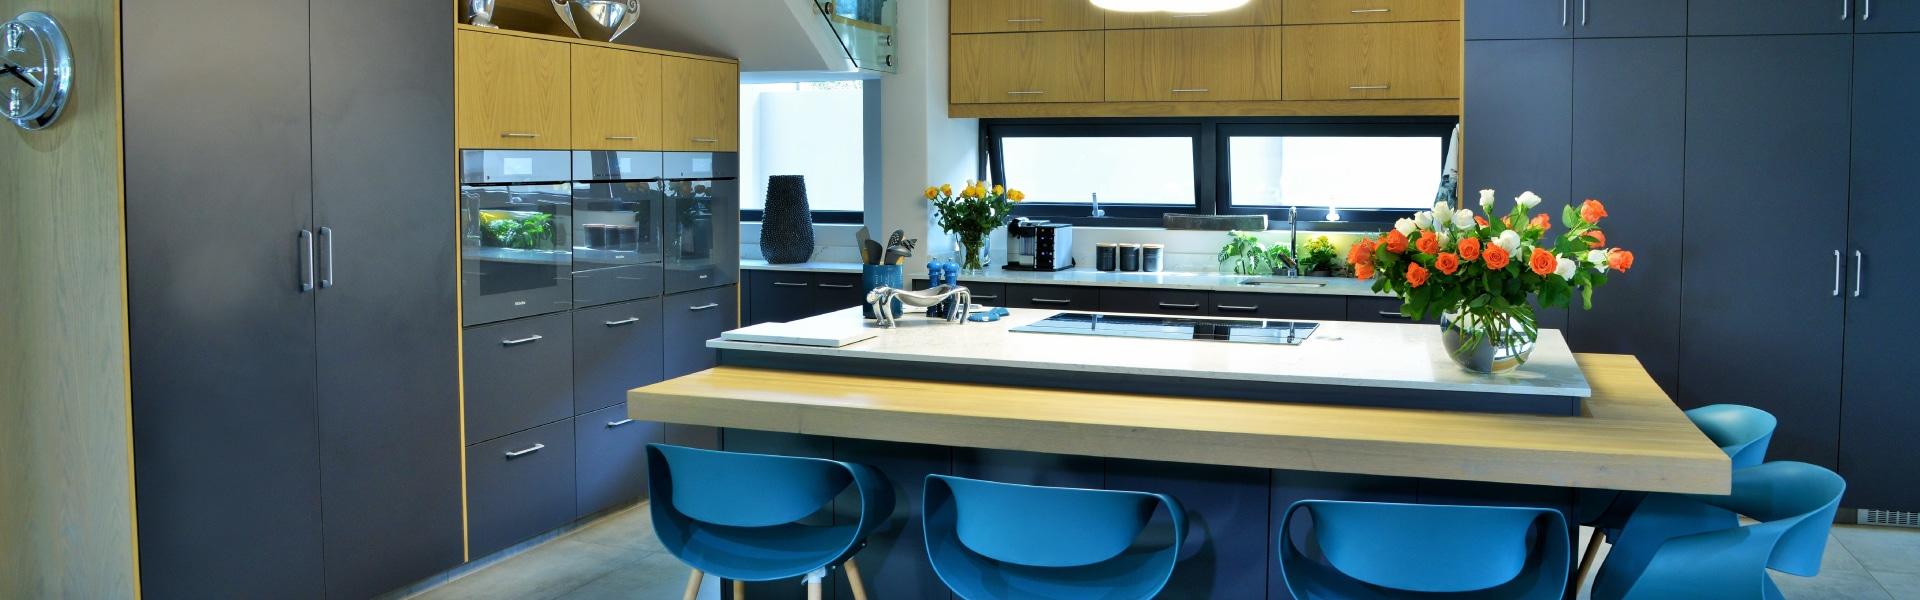 Easylife Kitchens Easylife Kitchens